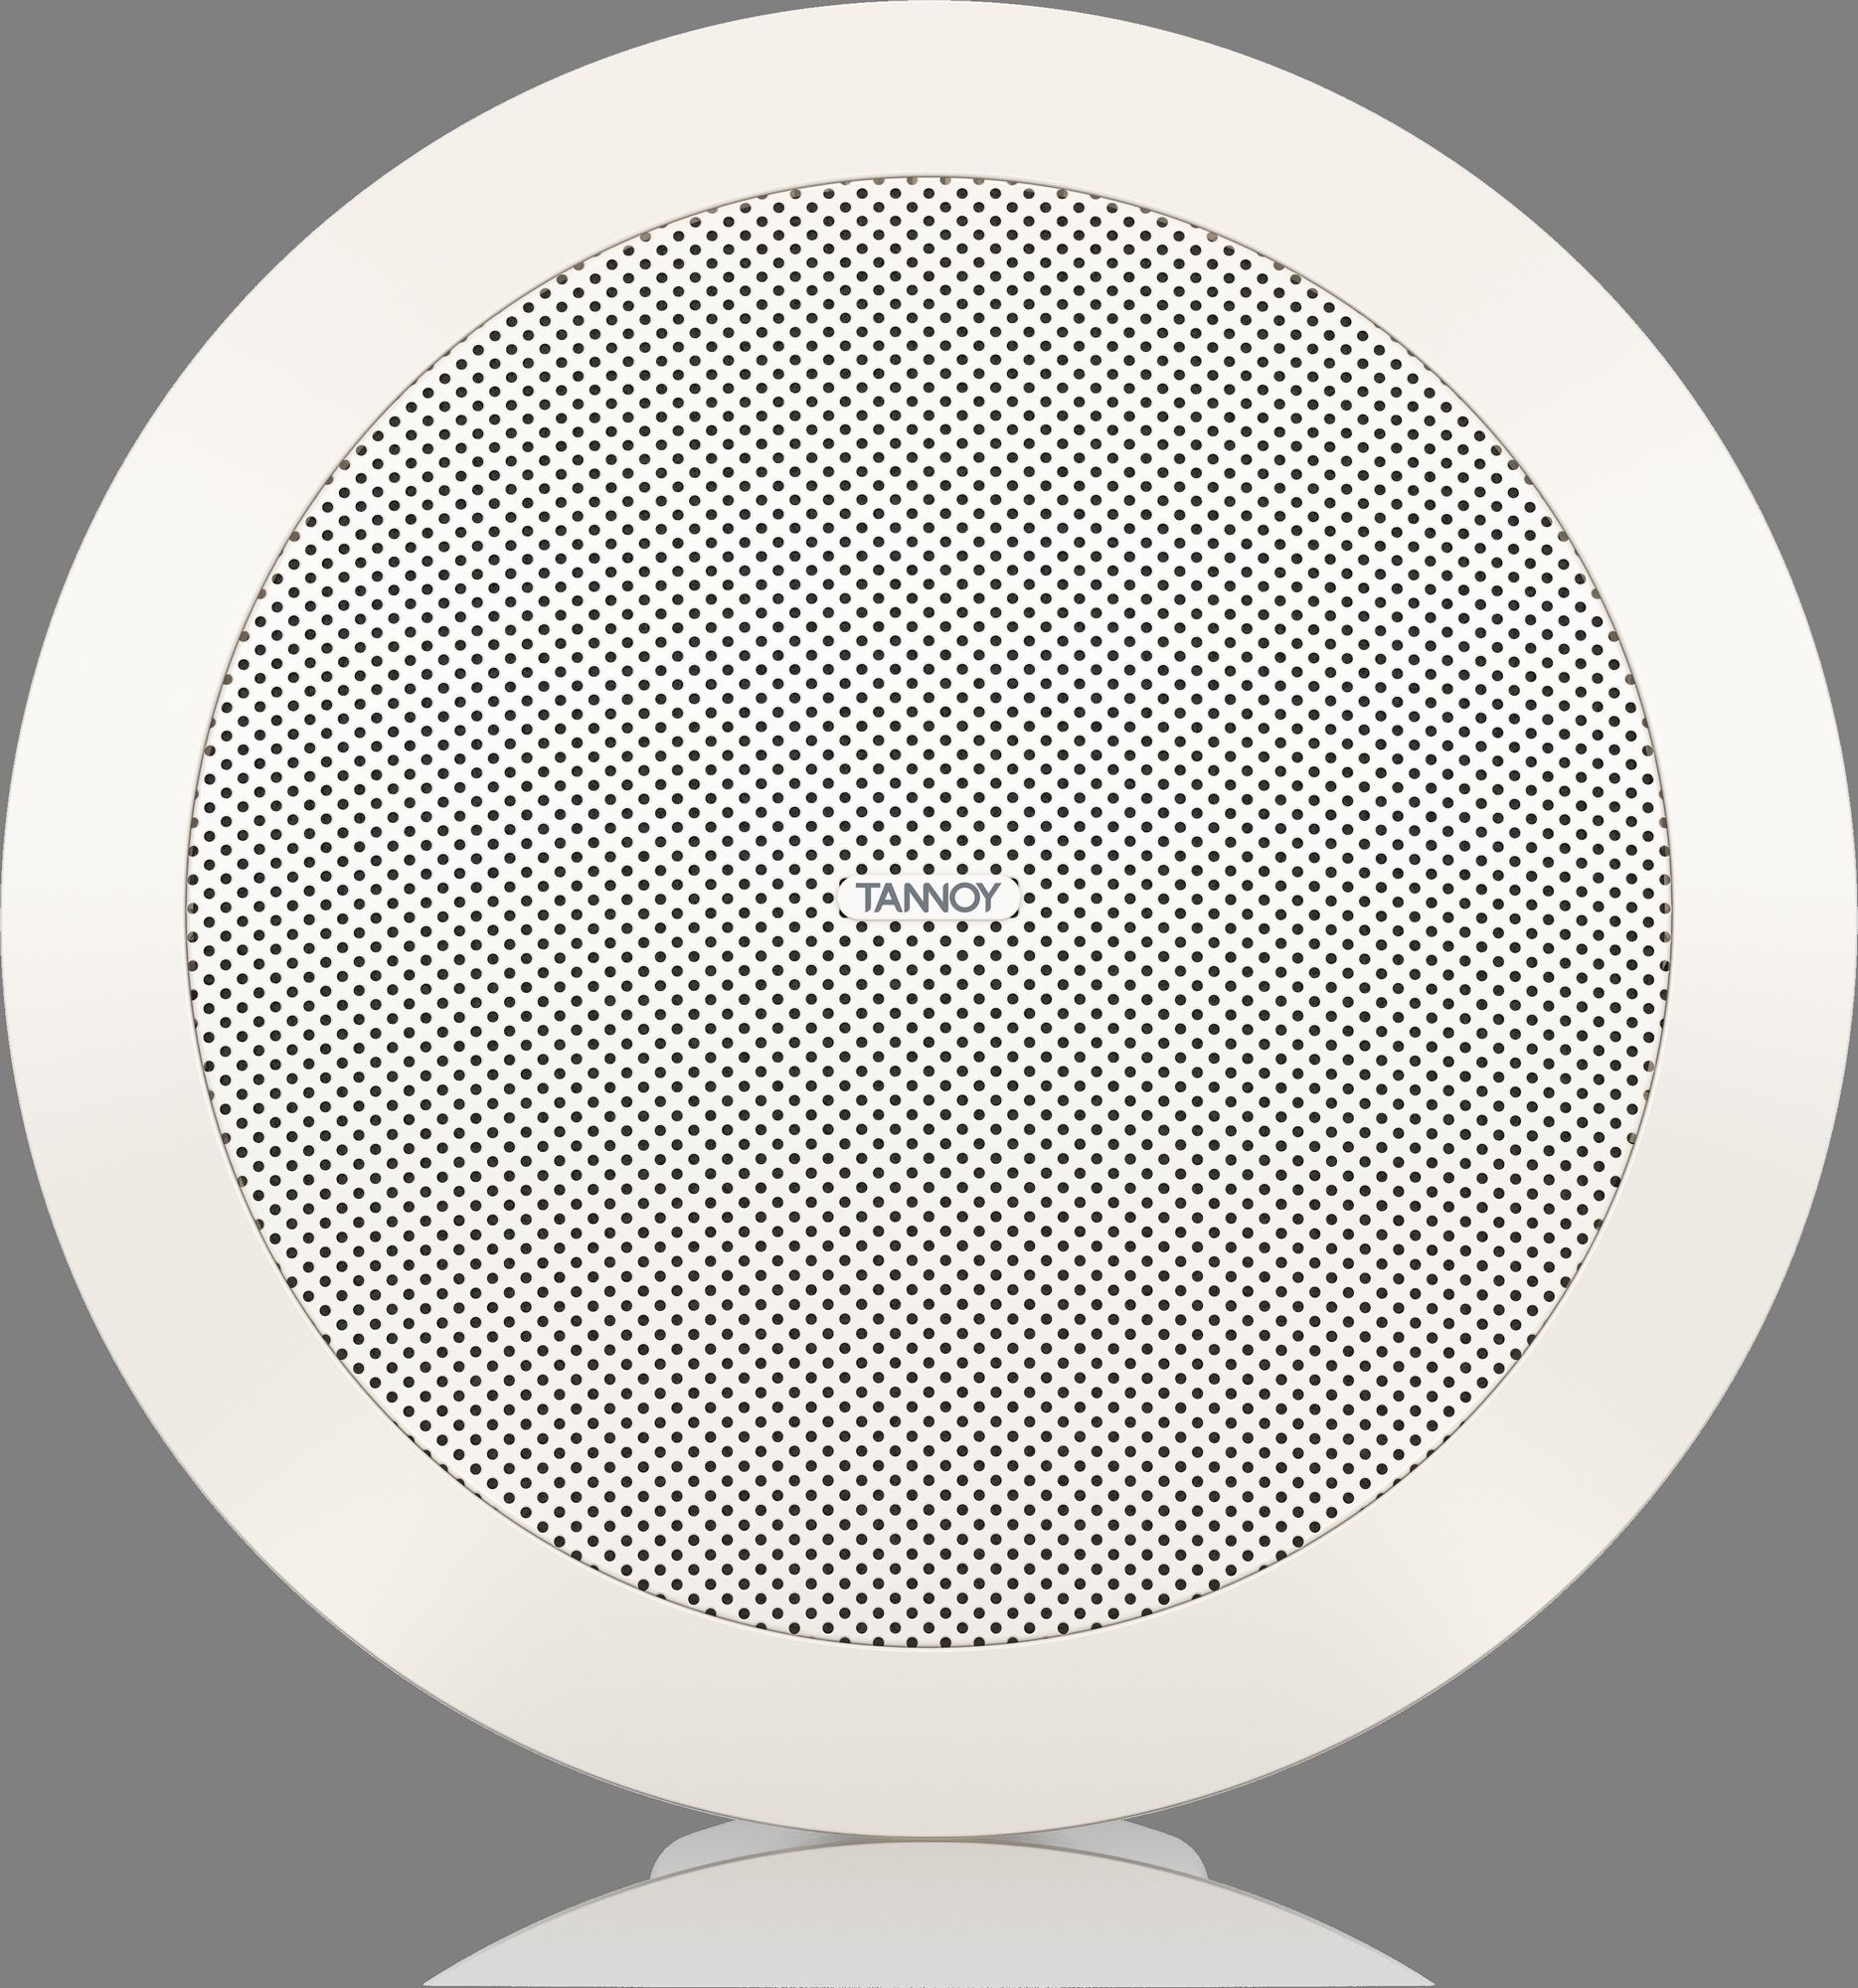 Tannoy  CVS 301 - Install Speaker